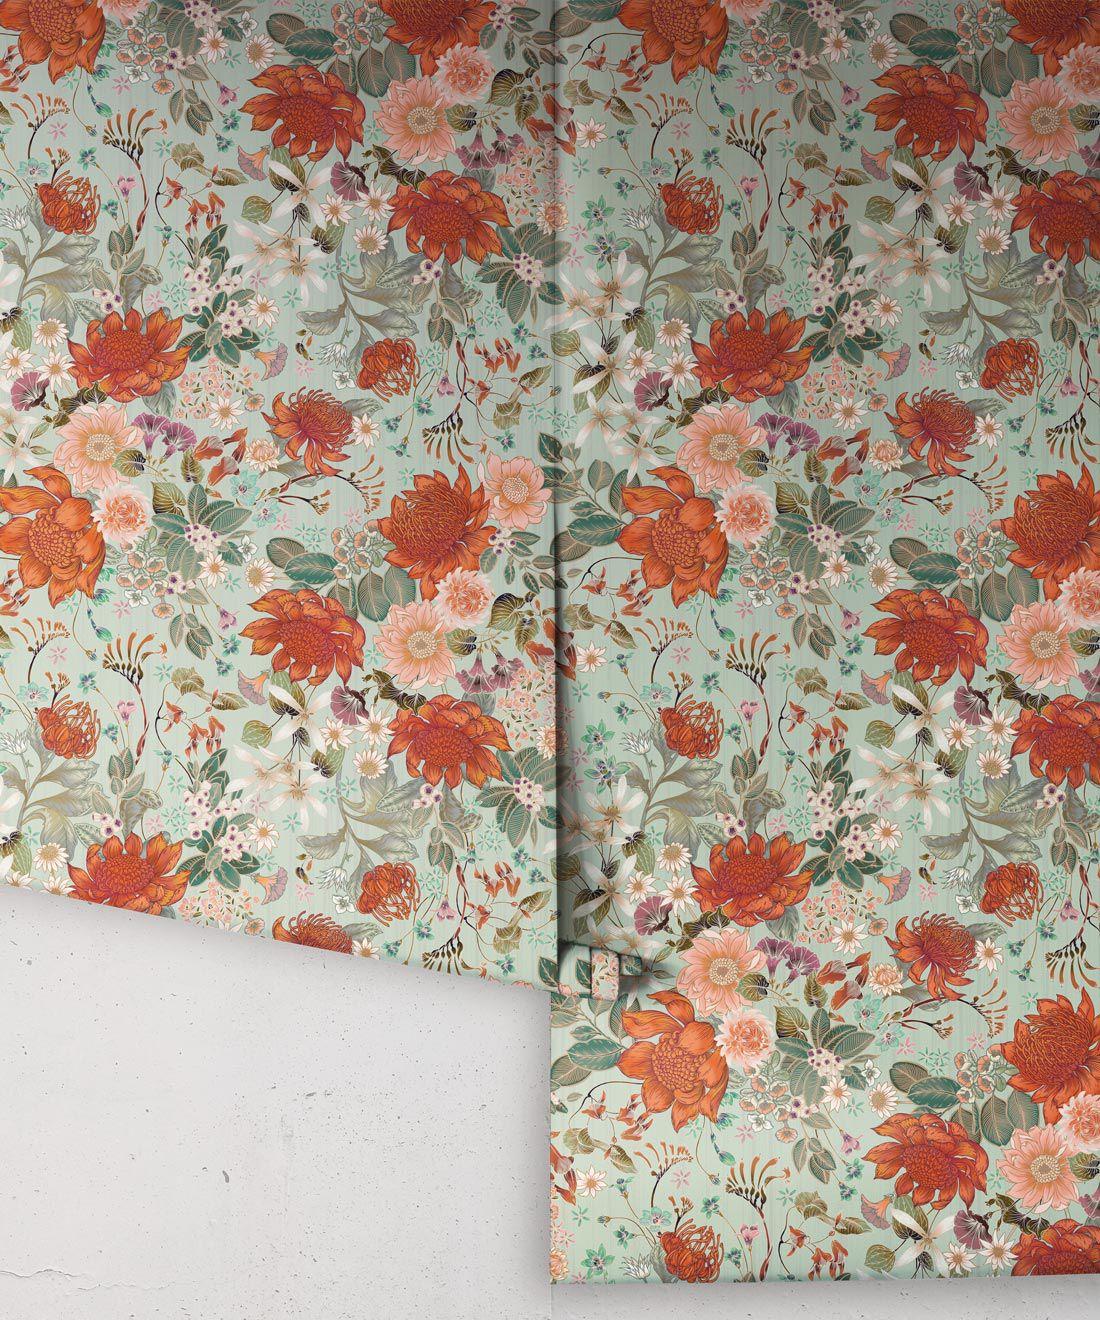 Bouquet Wallpaper • Eloise Short • Vintage Floral Wallpaper •Granny Chic Wallpaper • Grandmillennial Style Wallpaper •Pistachio •Rolls